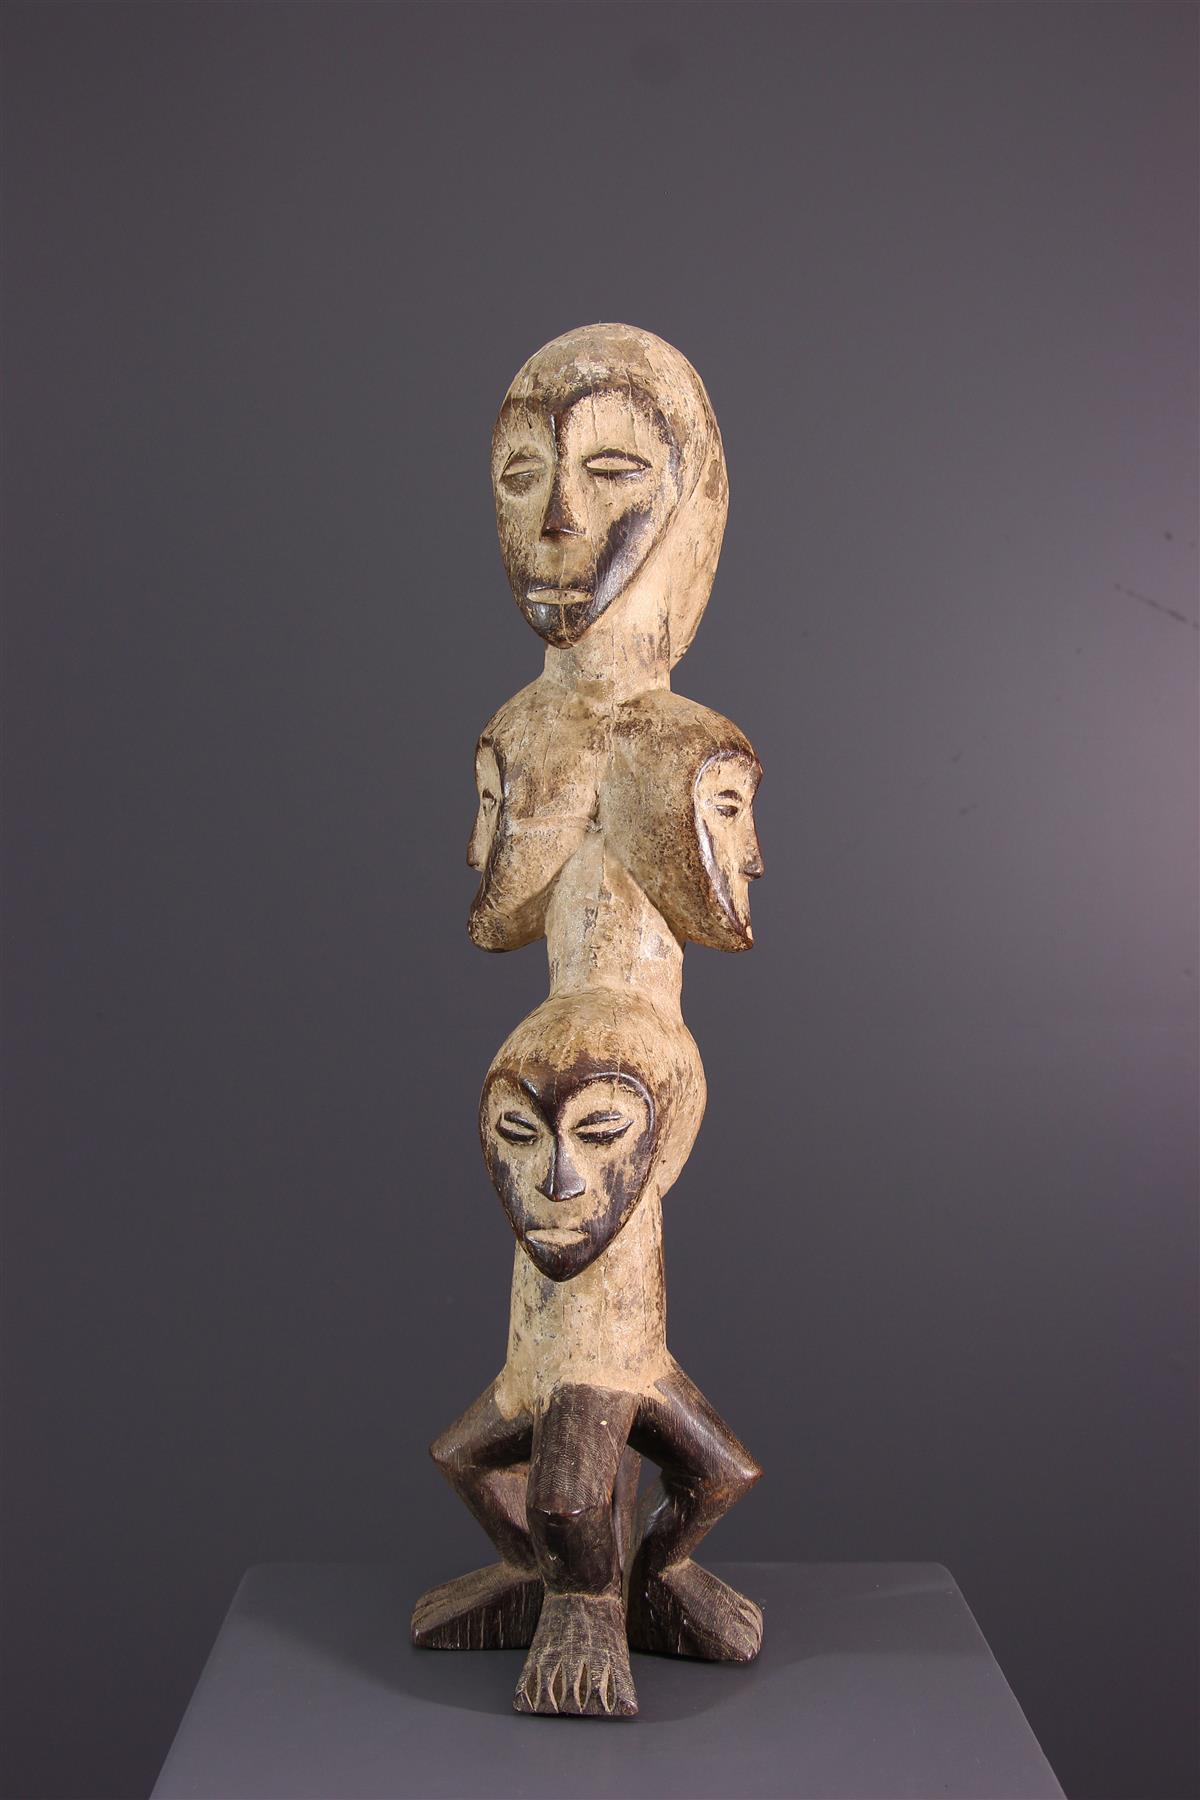 Lega standbeeld - Afrikaanse kunst